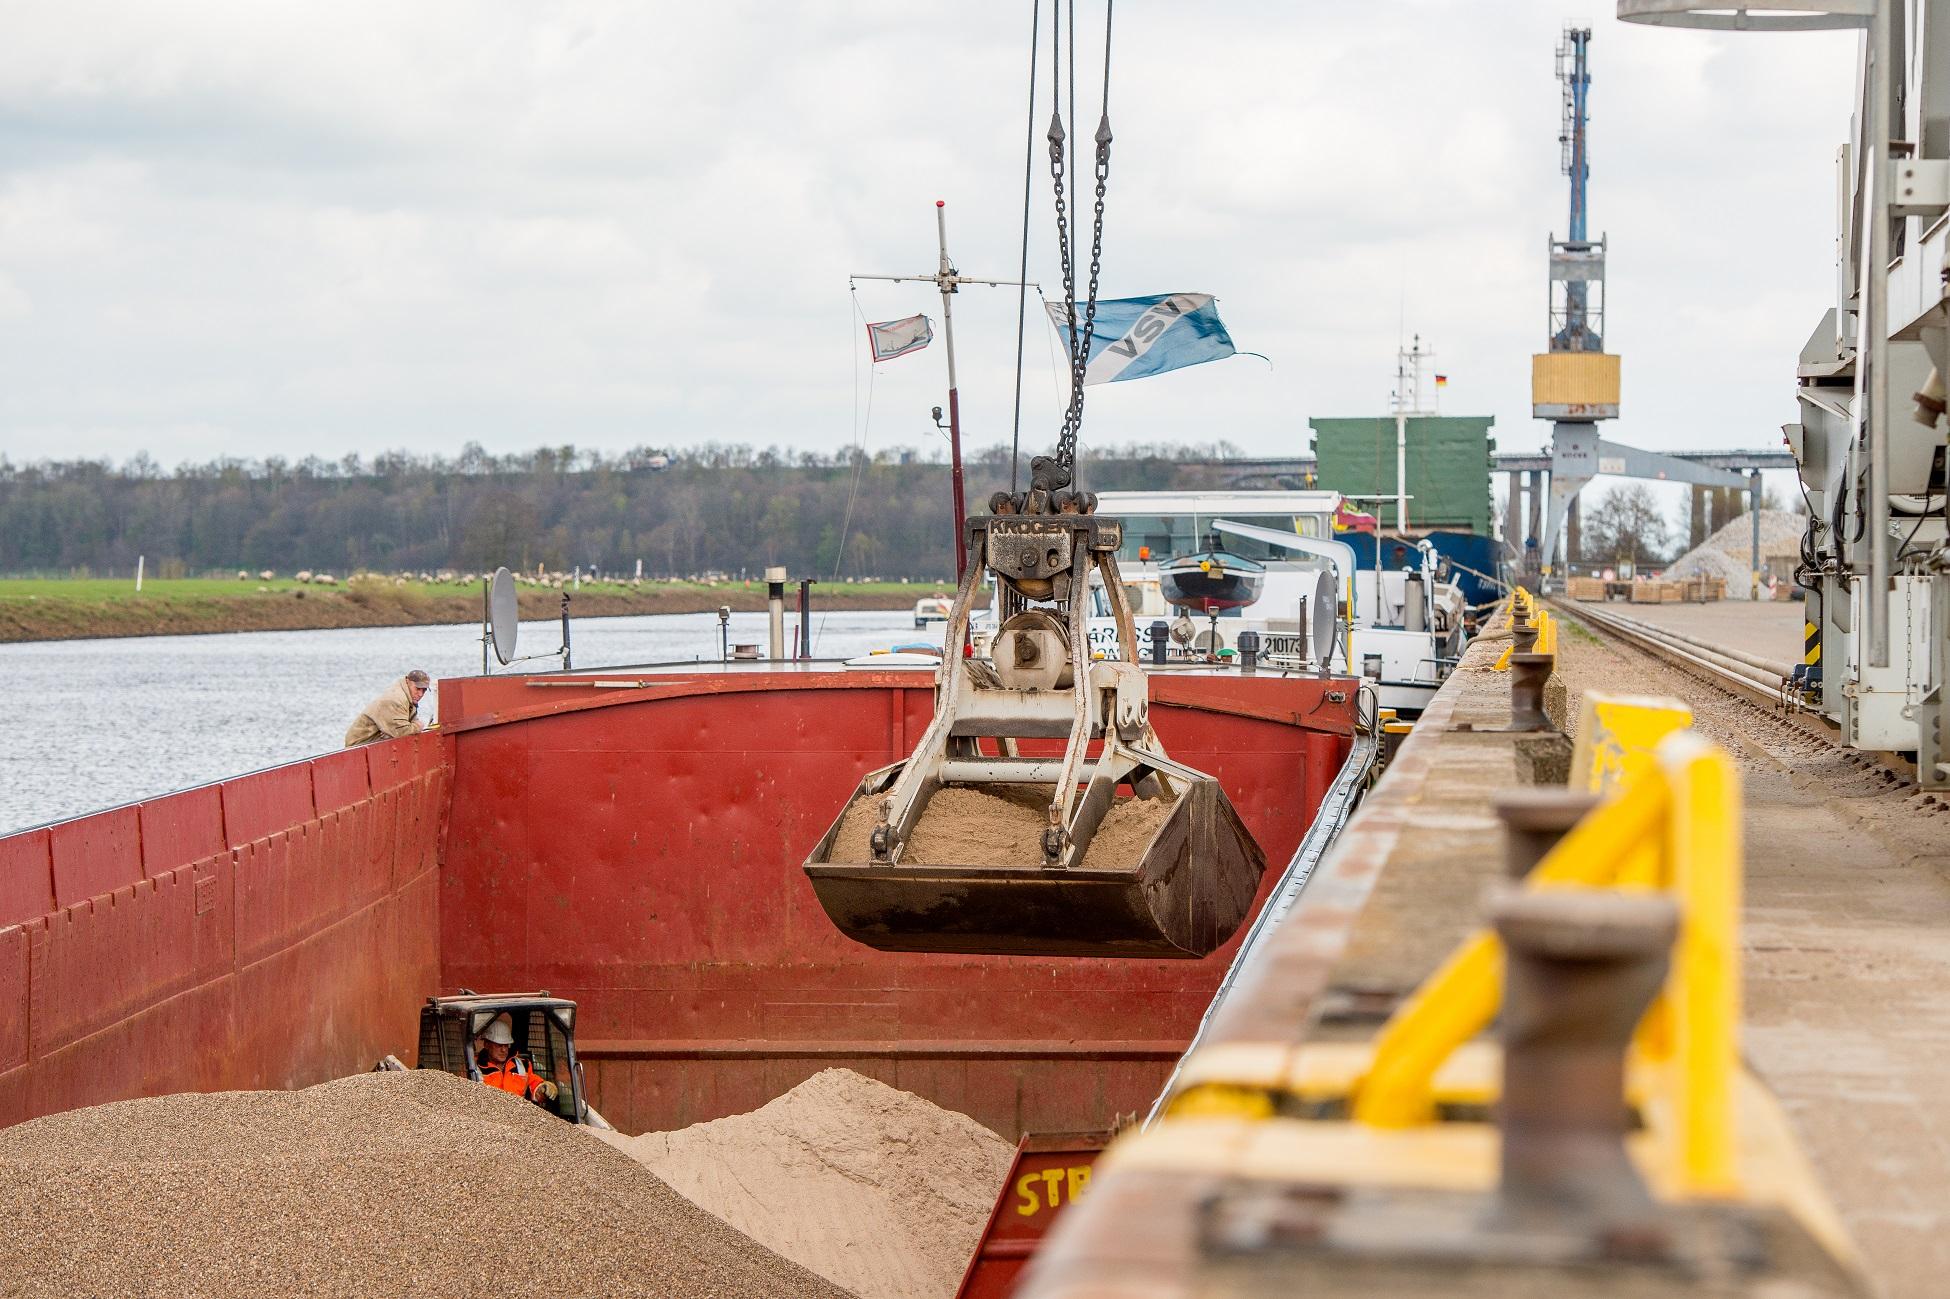 https://seaports.de/content/uploads/Oldenburg_Dry_bulk-1.jpg